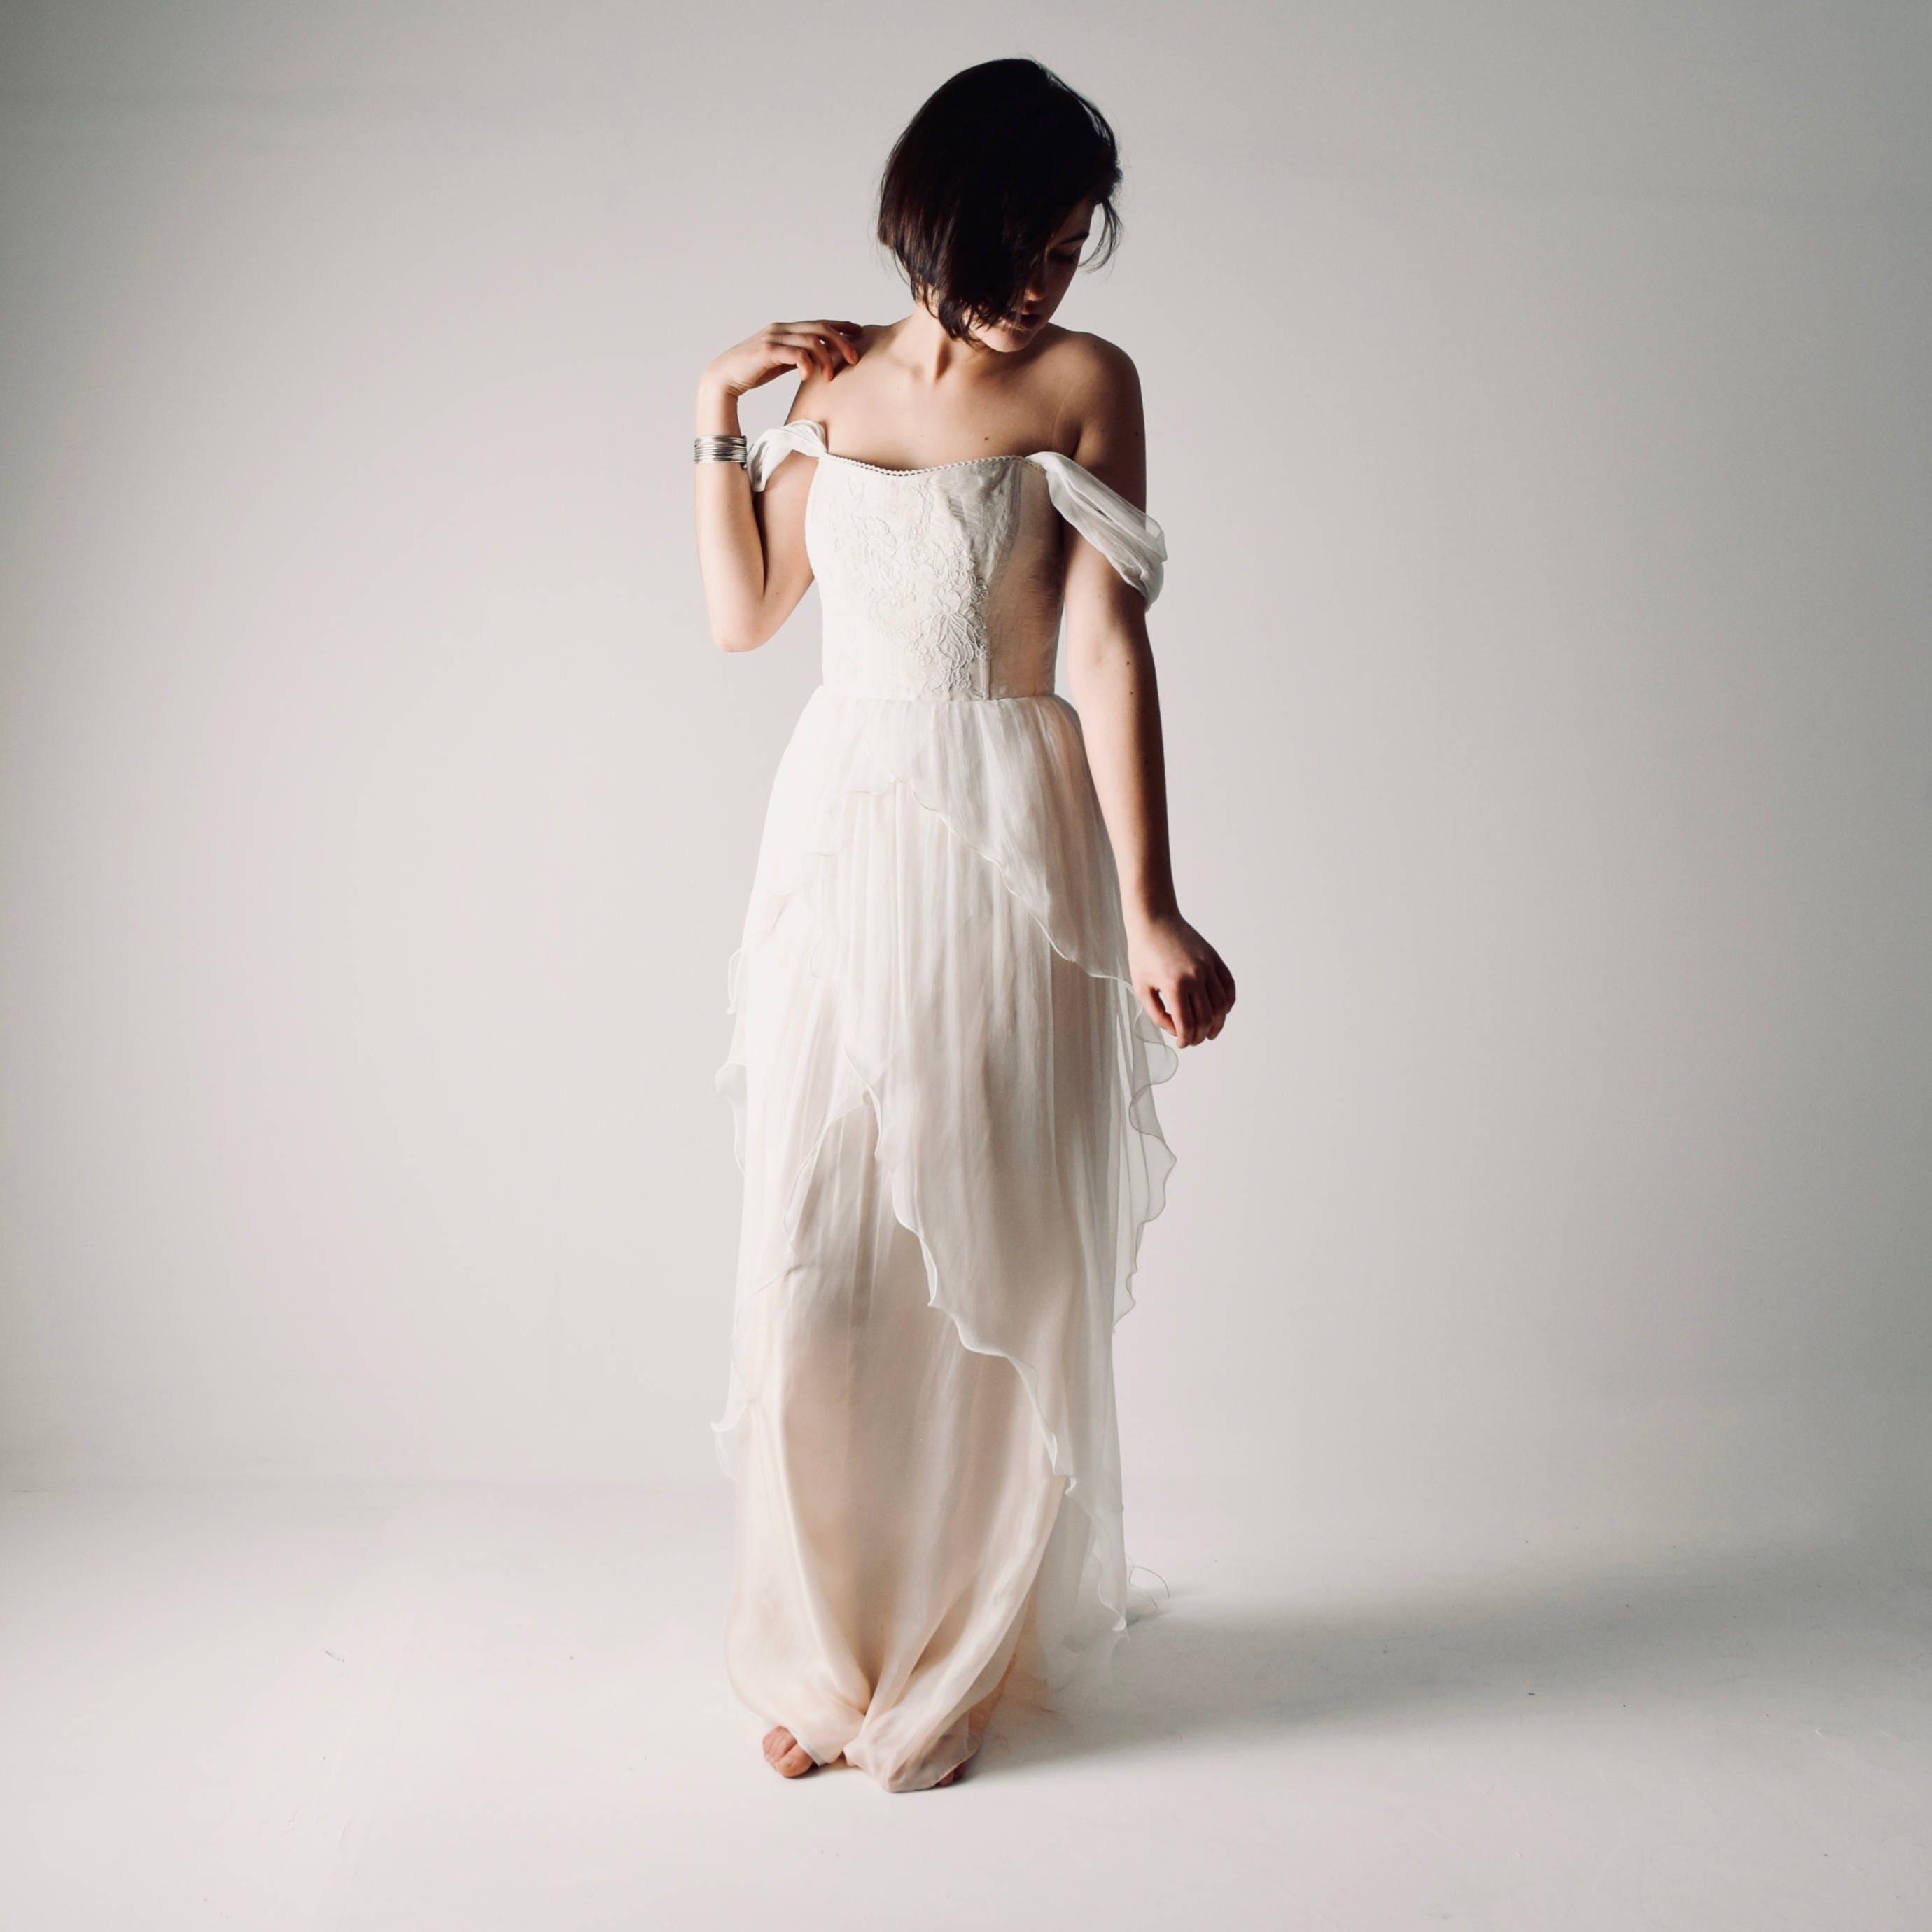 Ab Schulter Hochzeitskleid Hochzeitskleid Farbe böhmische